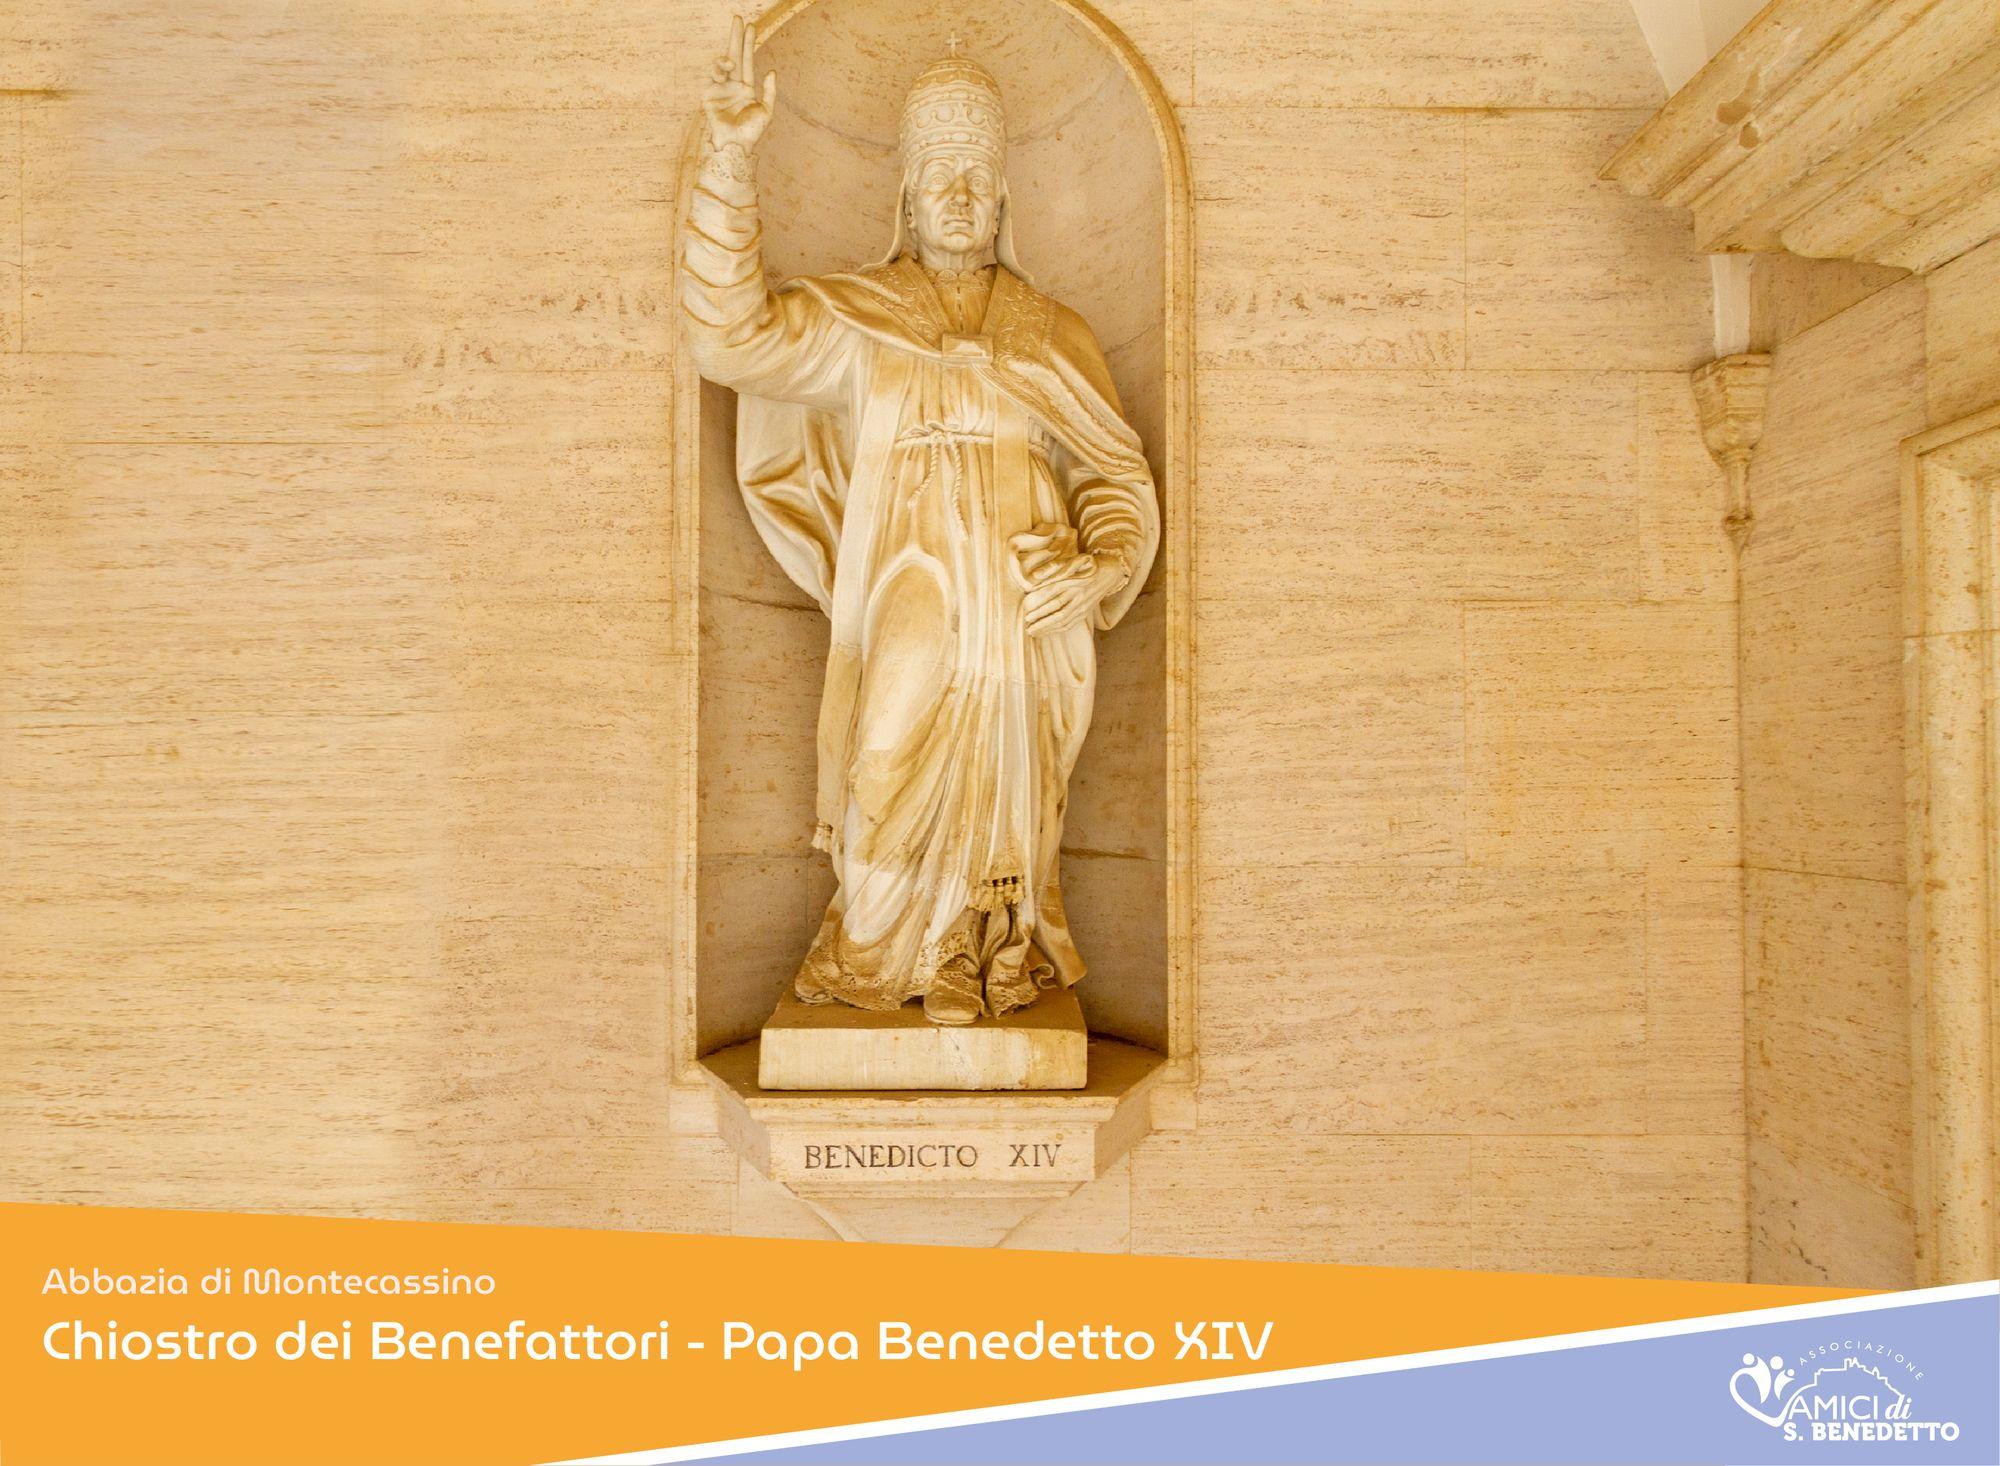 Abbazia di Montecassino – Chiostro dei Benefattori – Papa Benedetto XIV